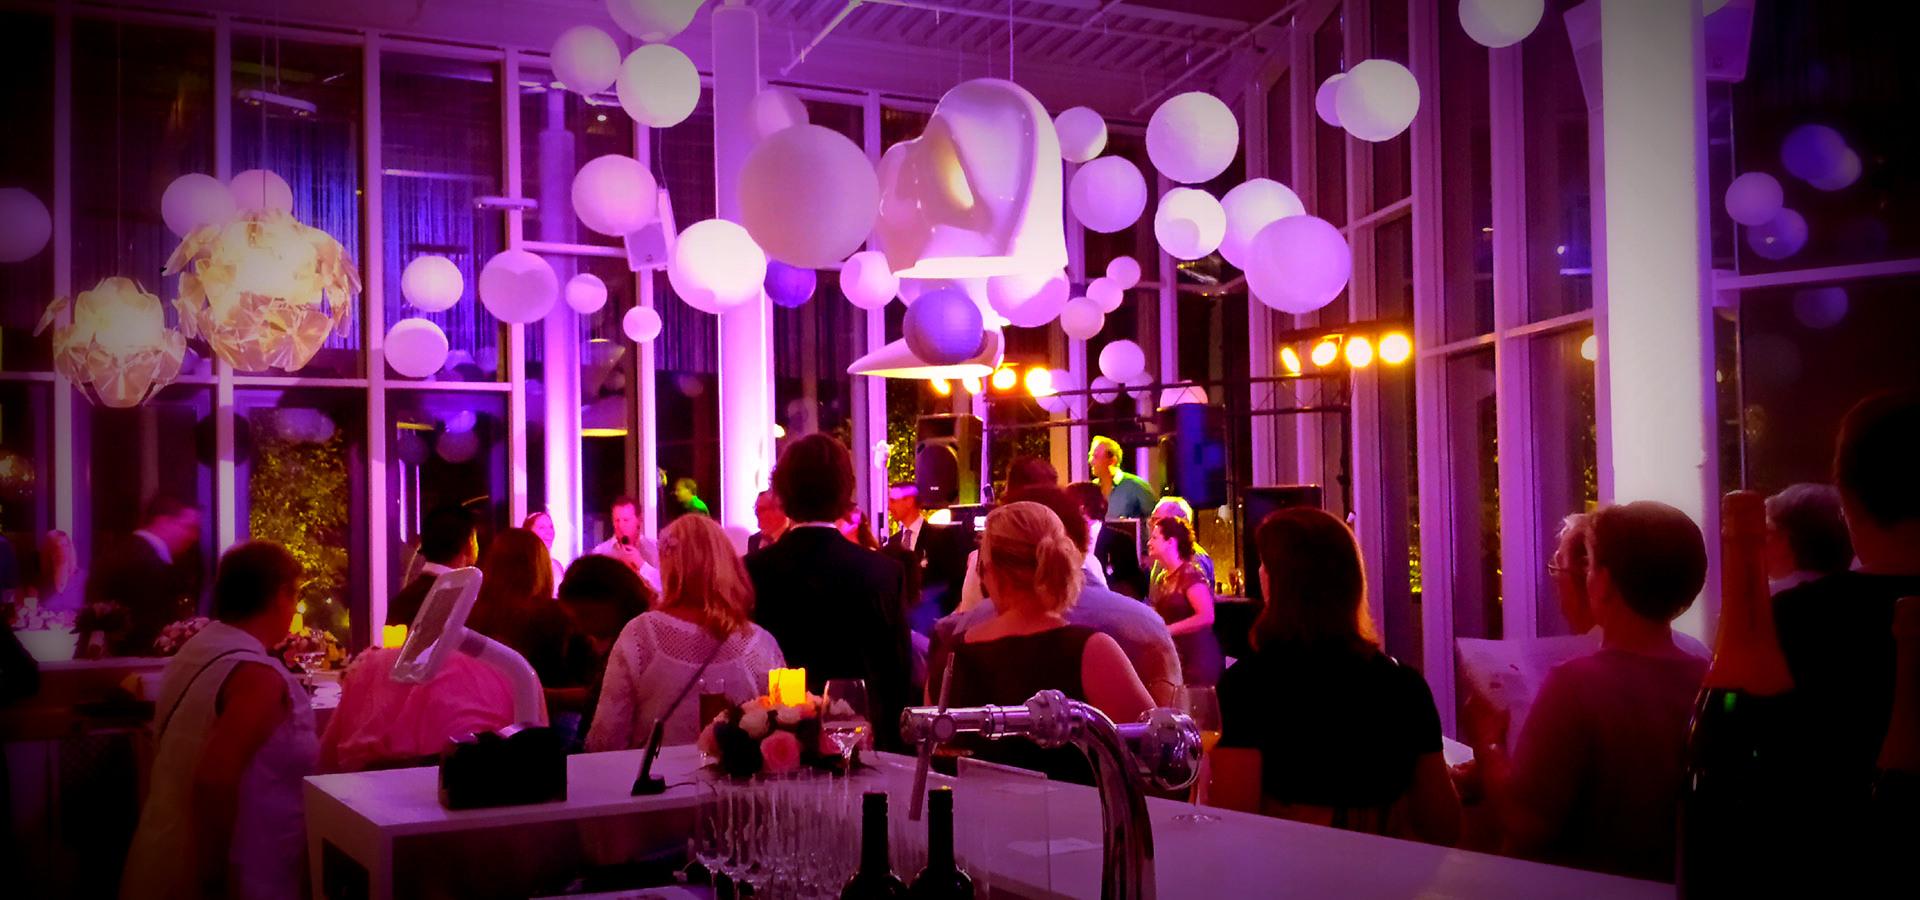 maaspoort-venlo-feest-dj-deejay-verlichte-dansvloer-huren-artiesten ...